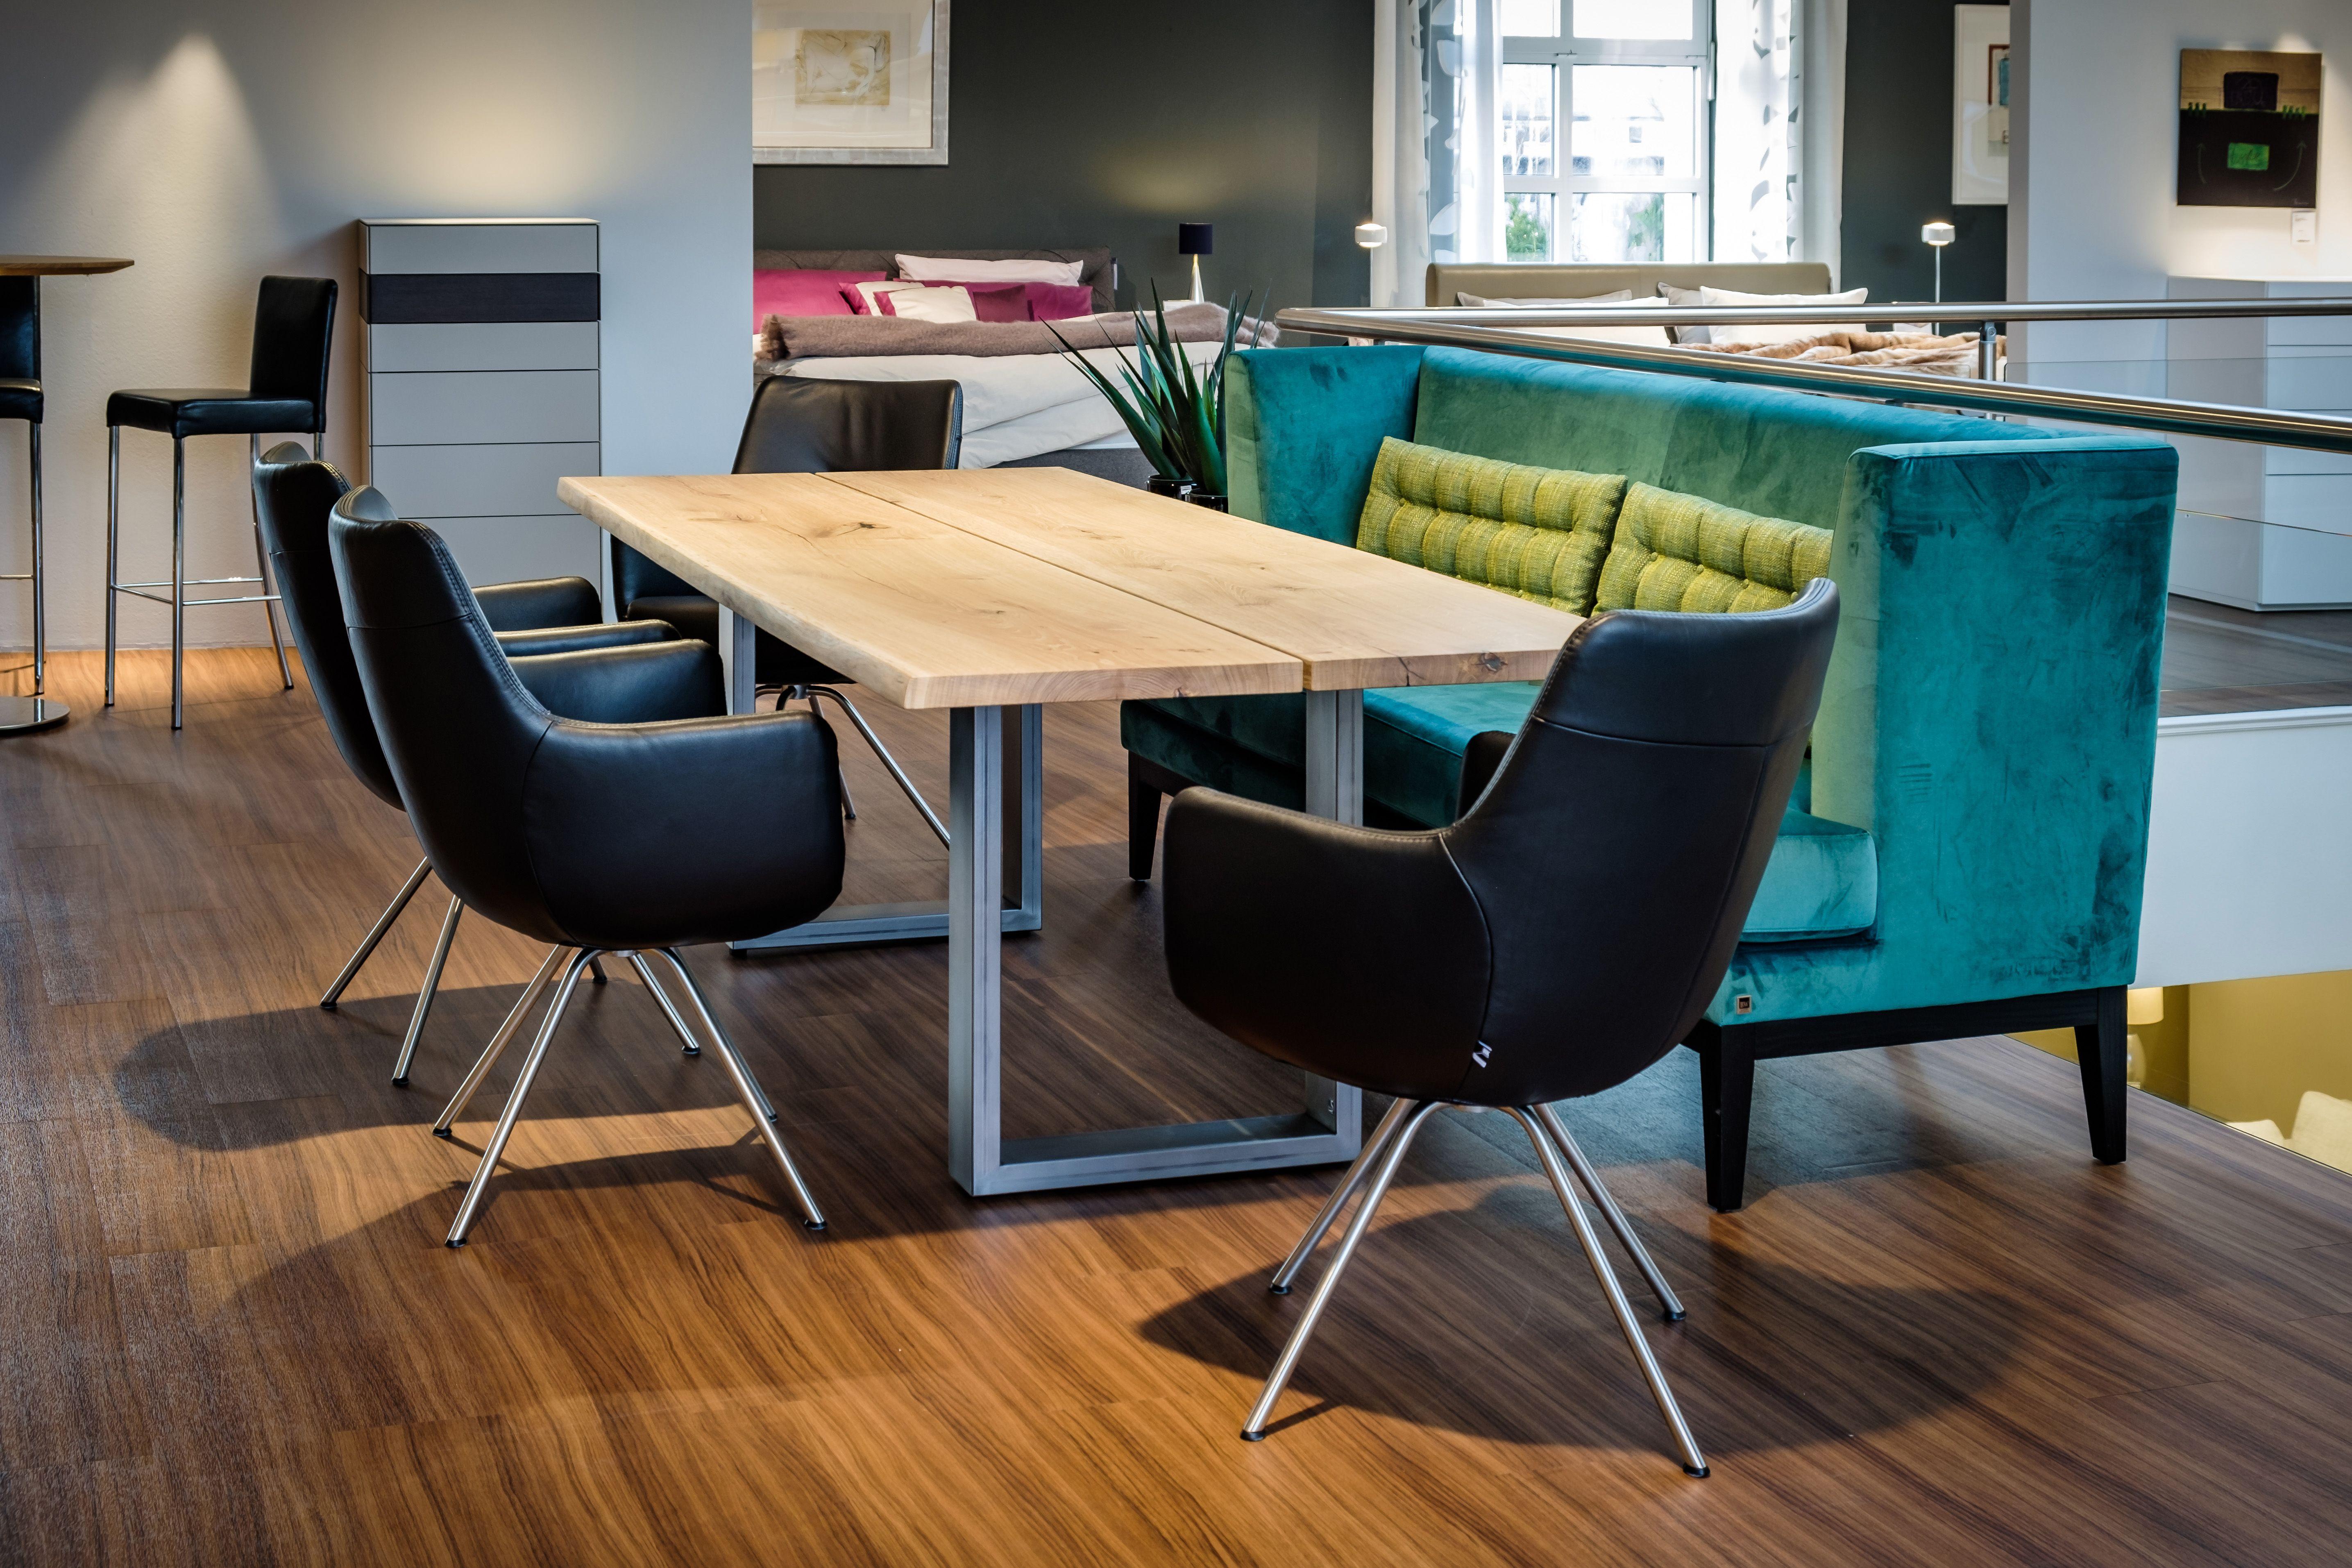 Elegantes wohndesign exklusive einblicke für euch aus unserem neuheitenshooting